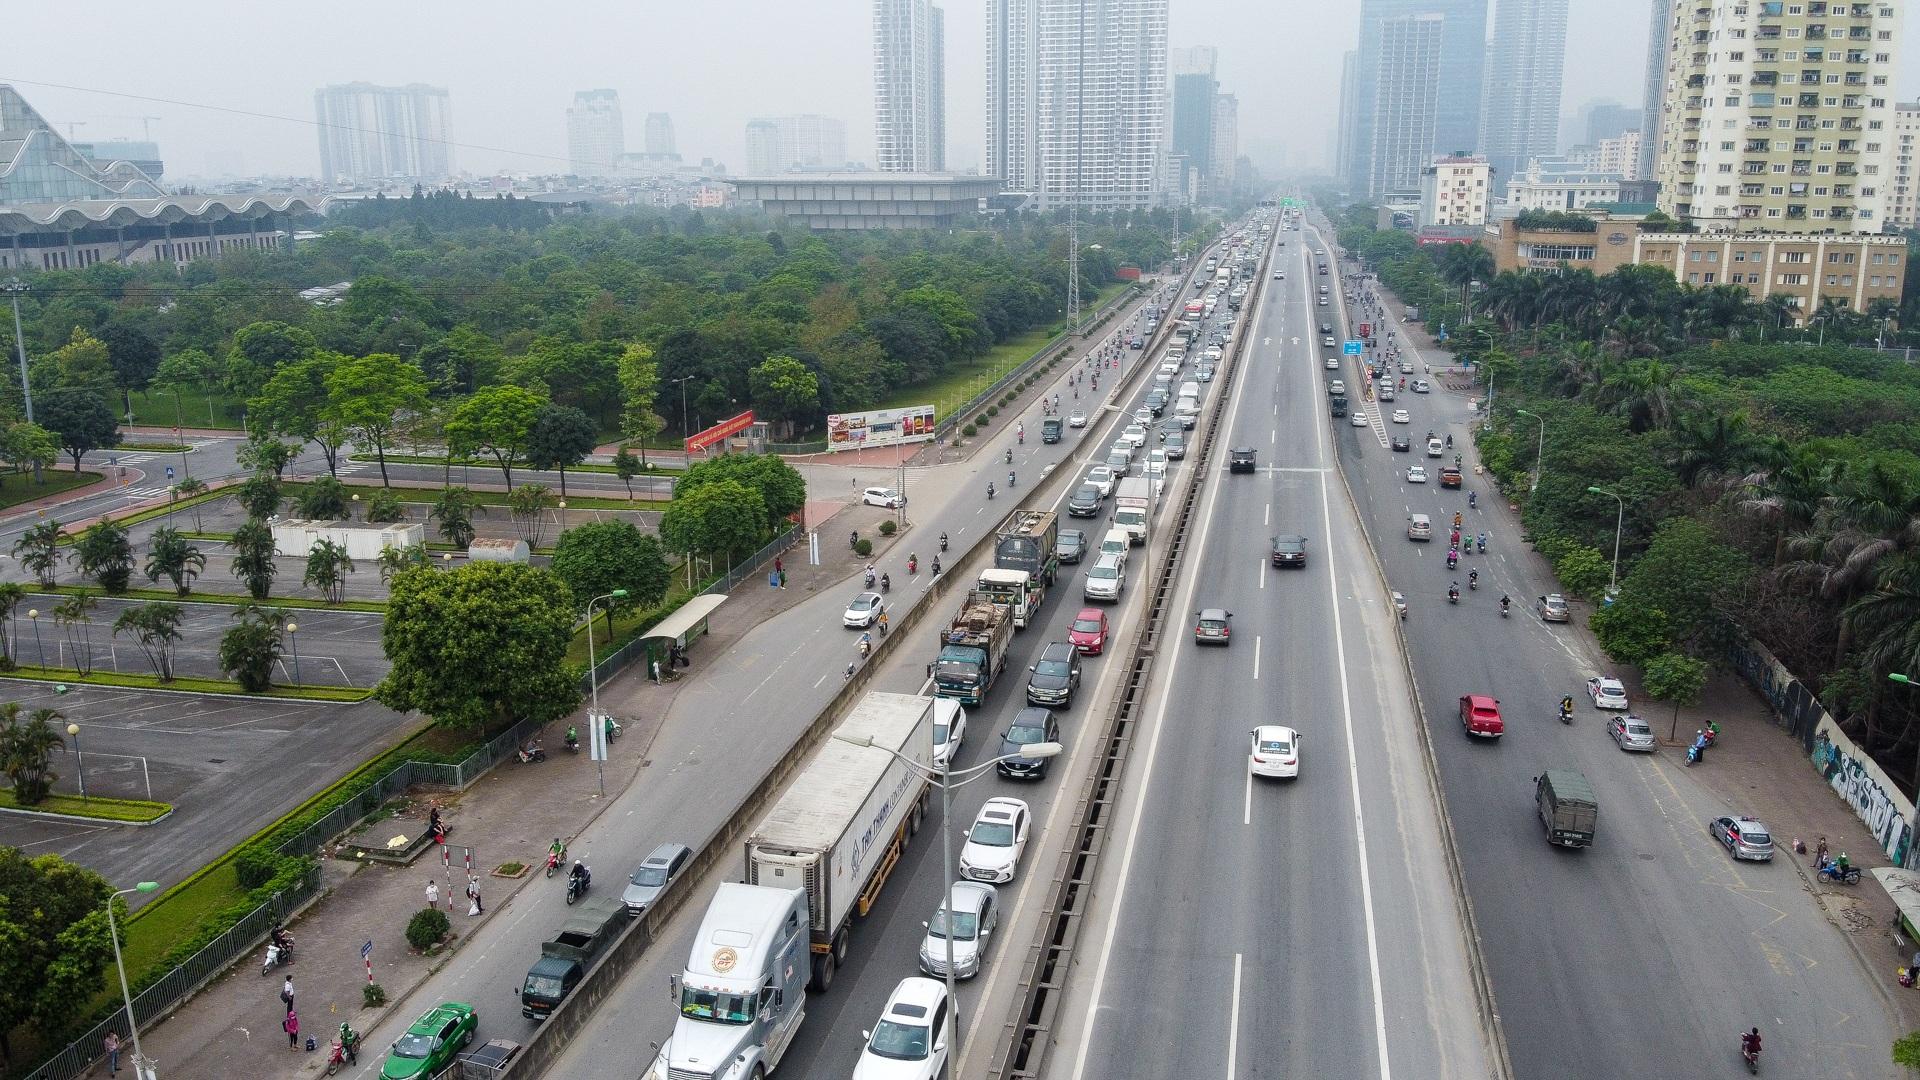 Hà Nội: Hình ảnh ô tô không lối thoát tại đường vành đai 3 trên cao - 2